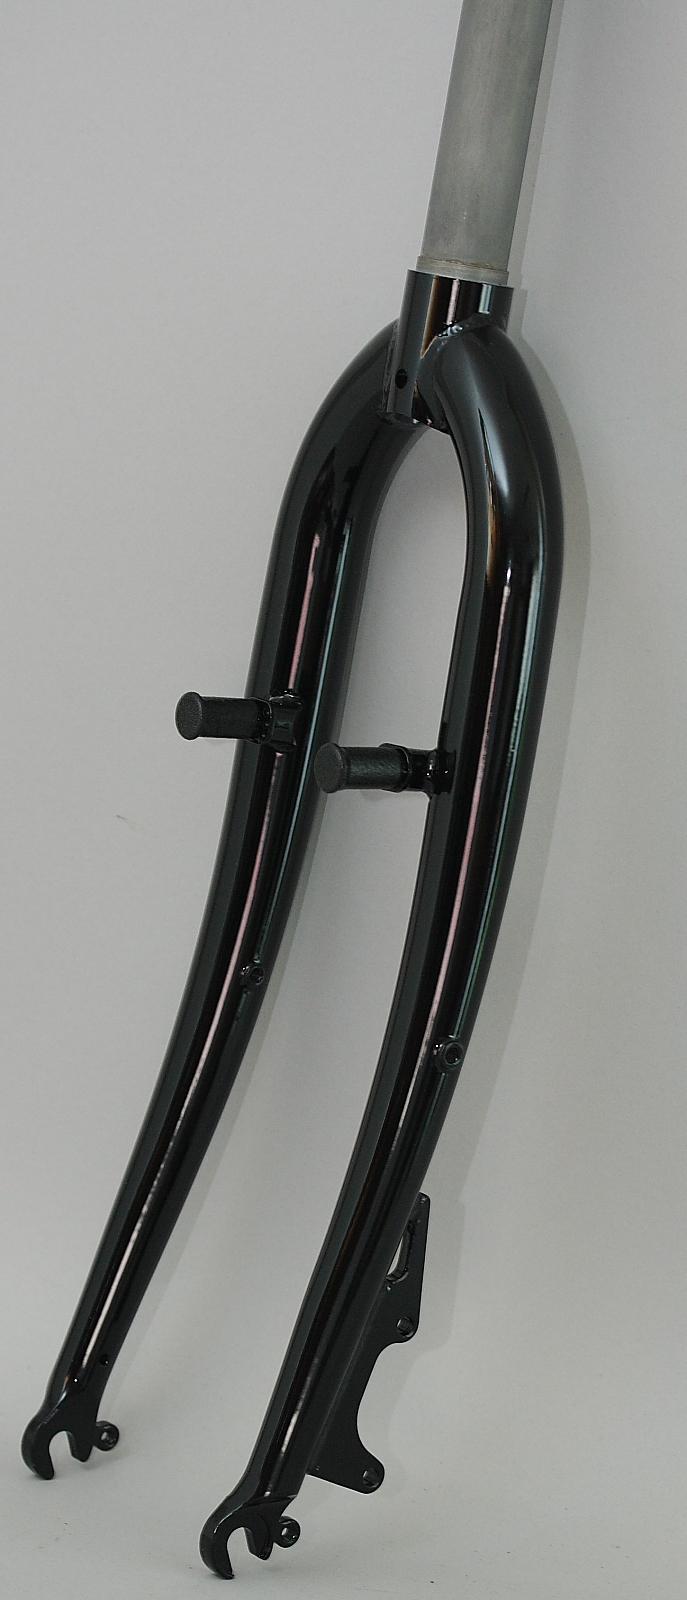 26 Zoll MTB Carbon Gabel von Evo mit Cantisockel für 1 1//8 Zoll